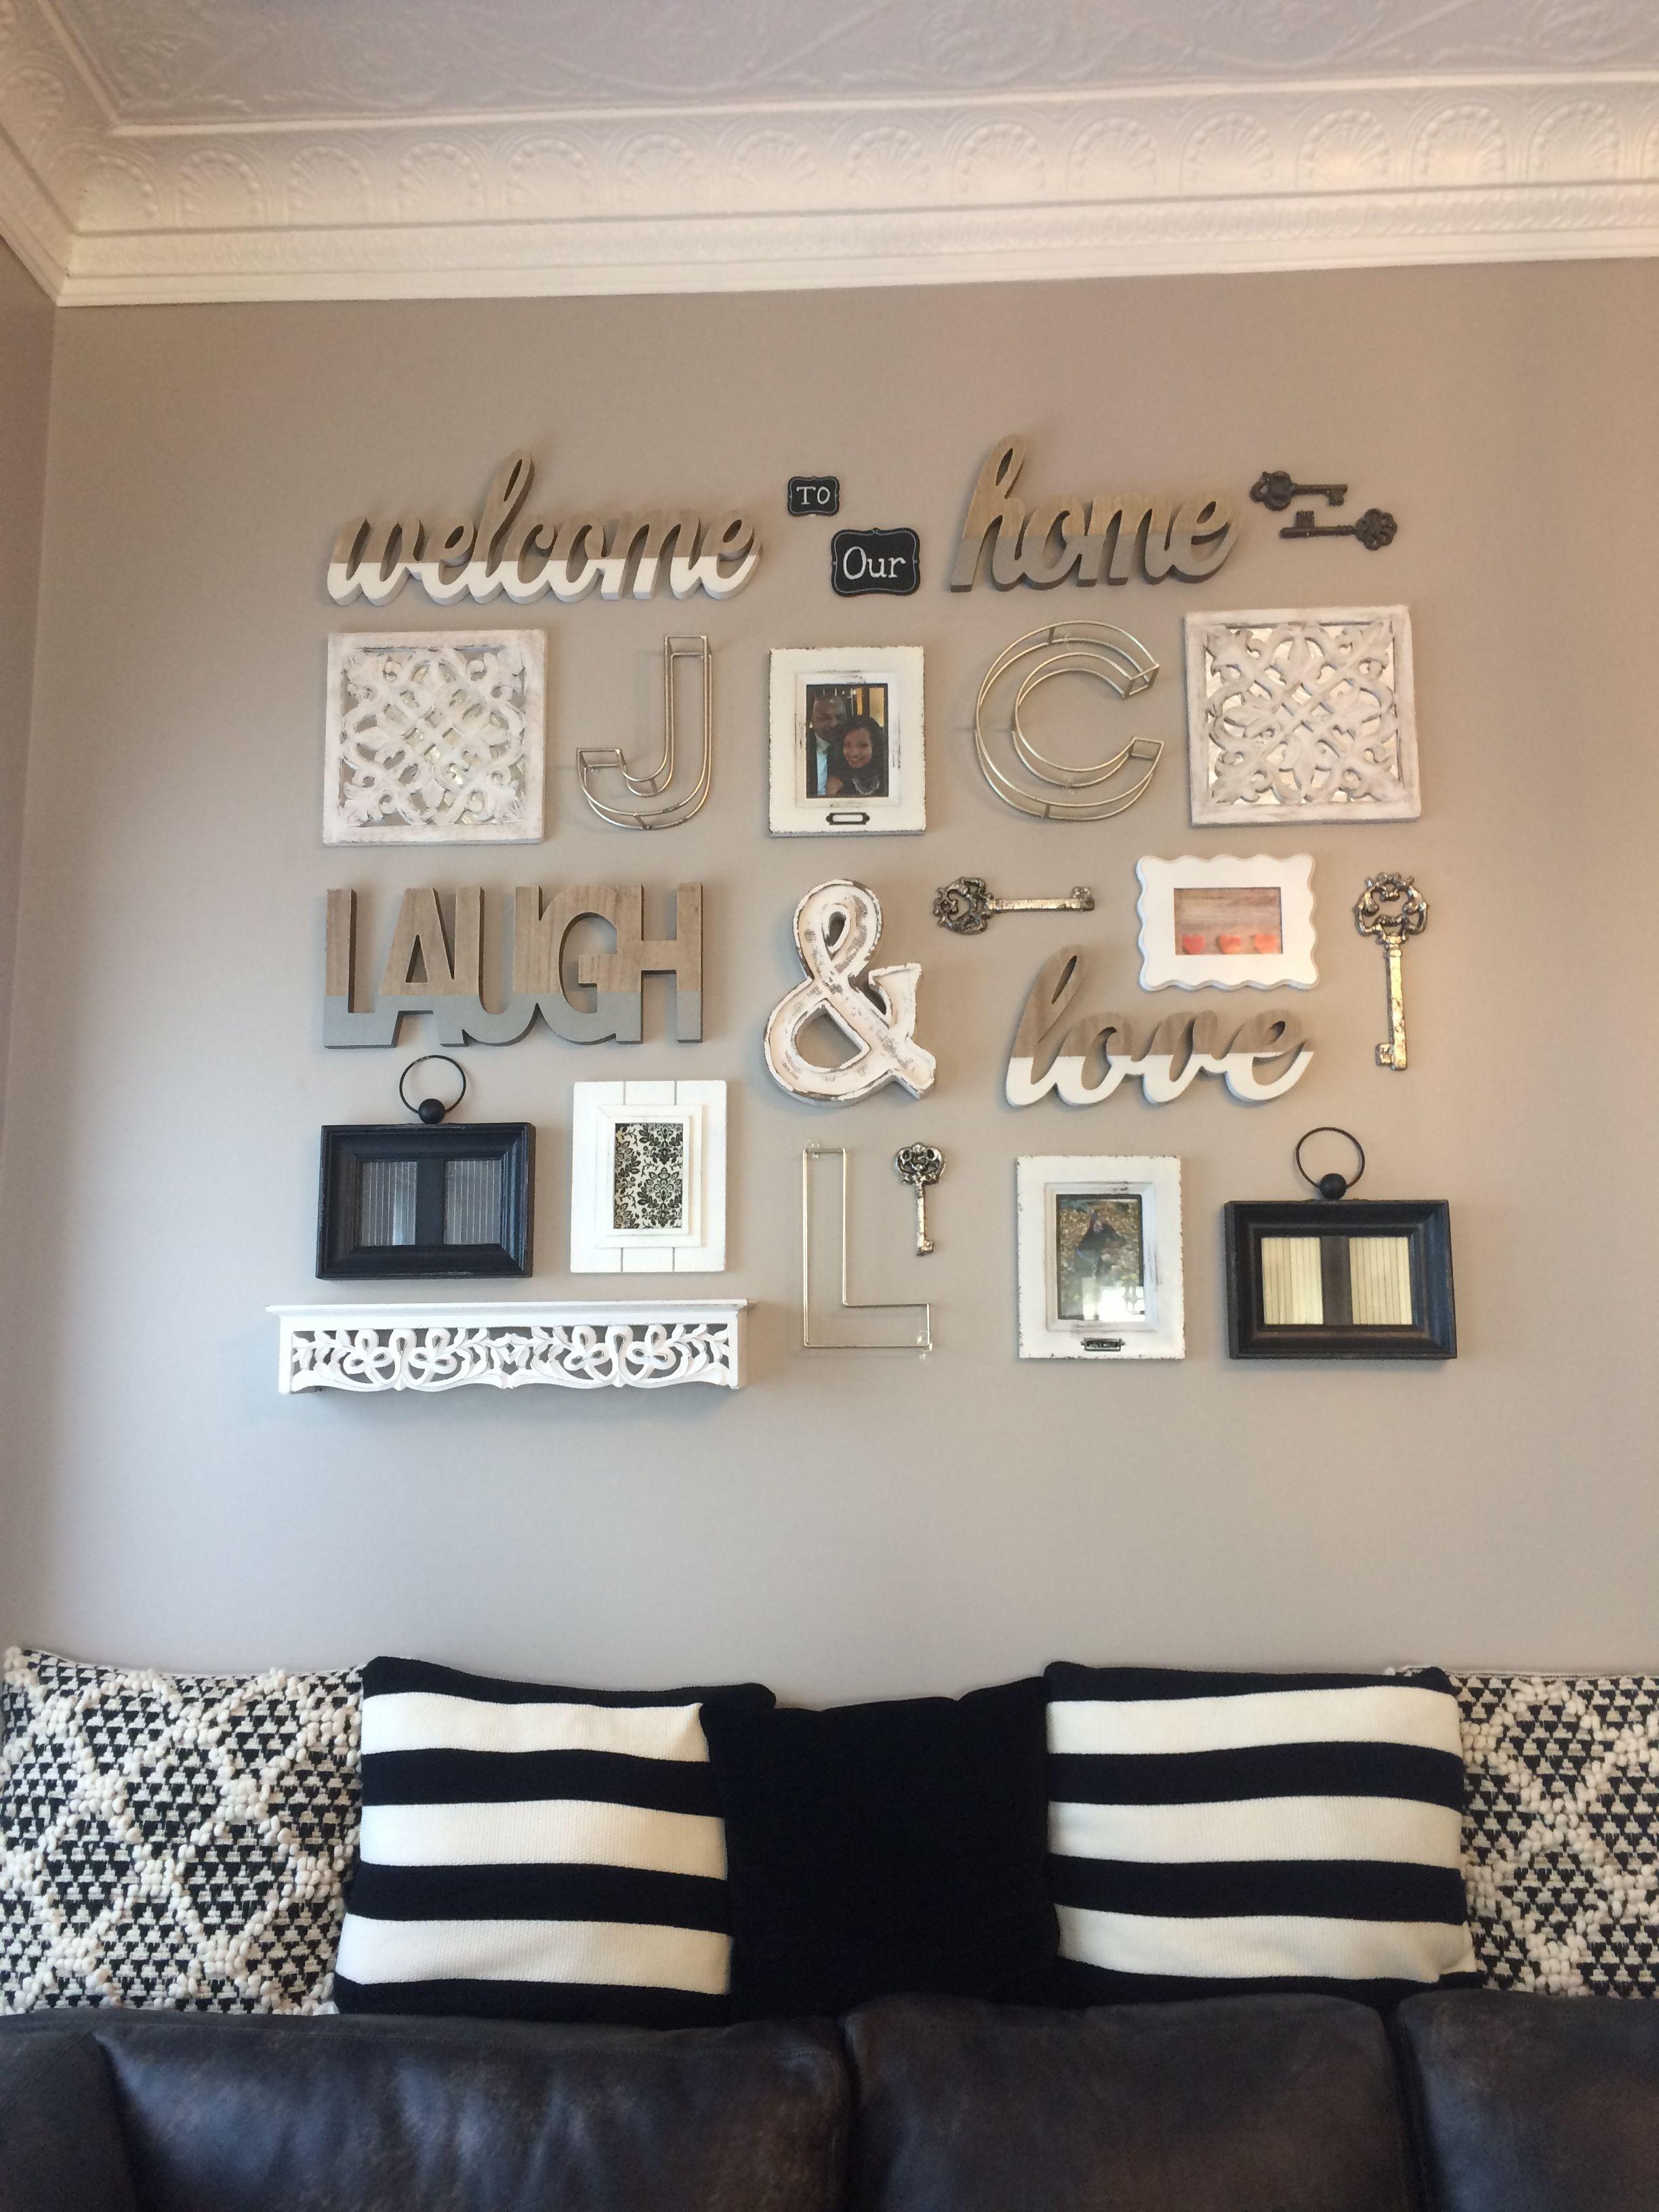 Pasate Por Mi Perfil Para Sorprenderte Con Un Sinfin De Pines Como Este Farmhouse Wall Decor Wall Decor Living Room Room Wall Decor